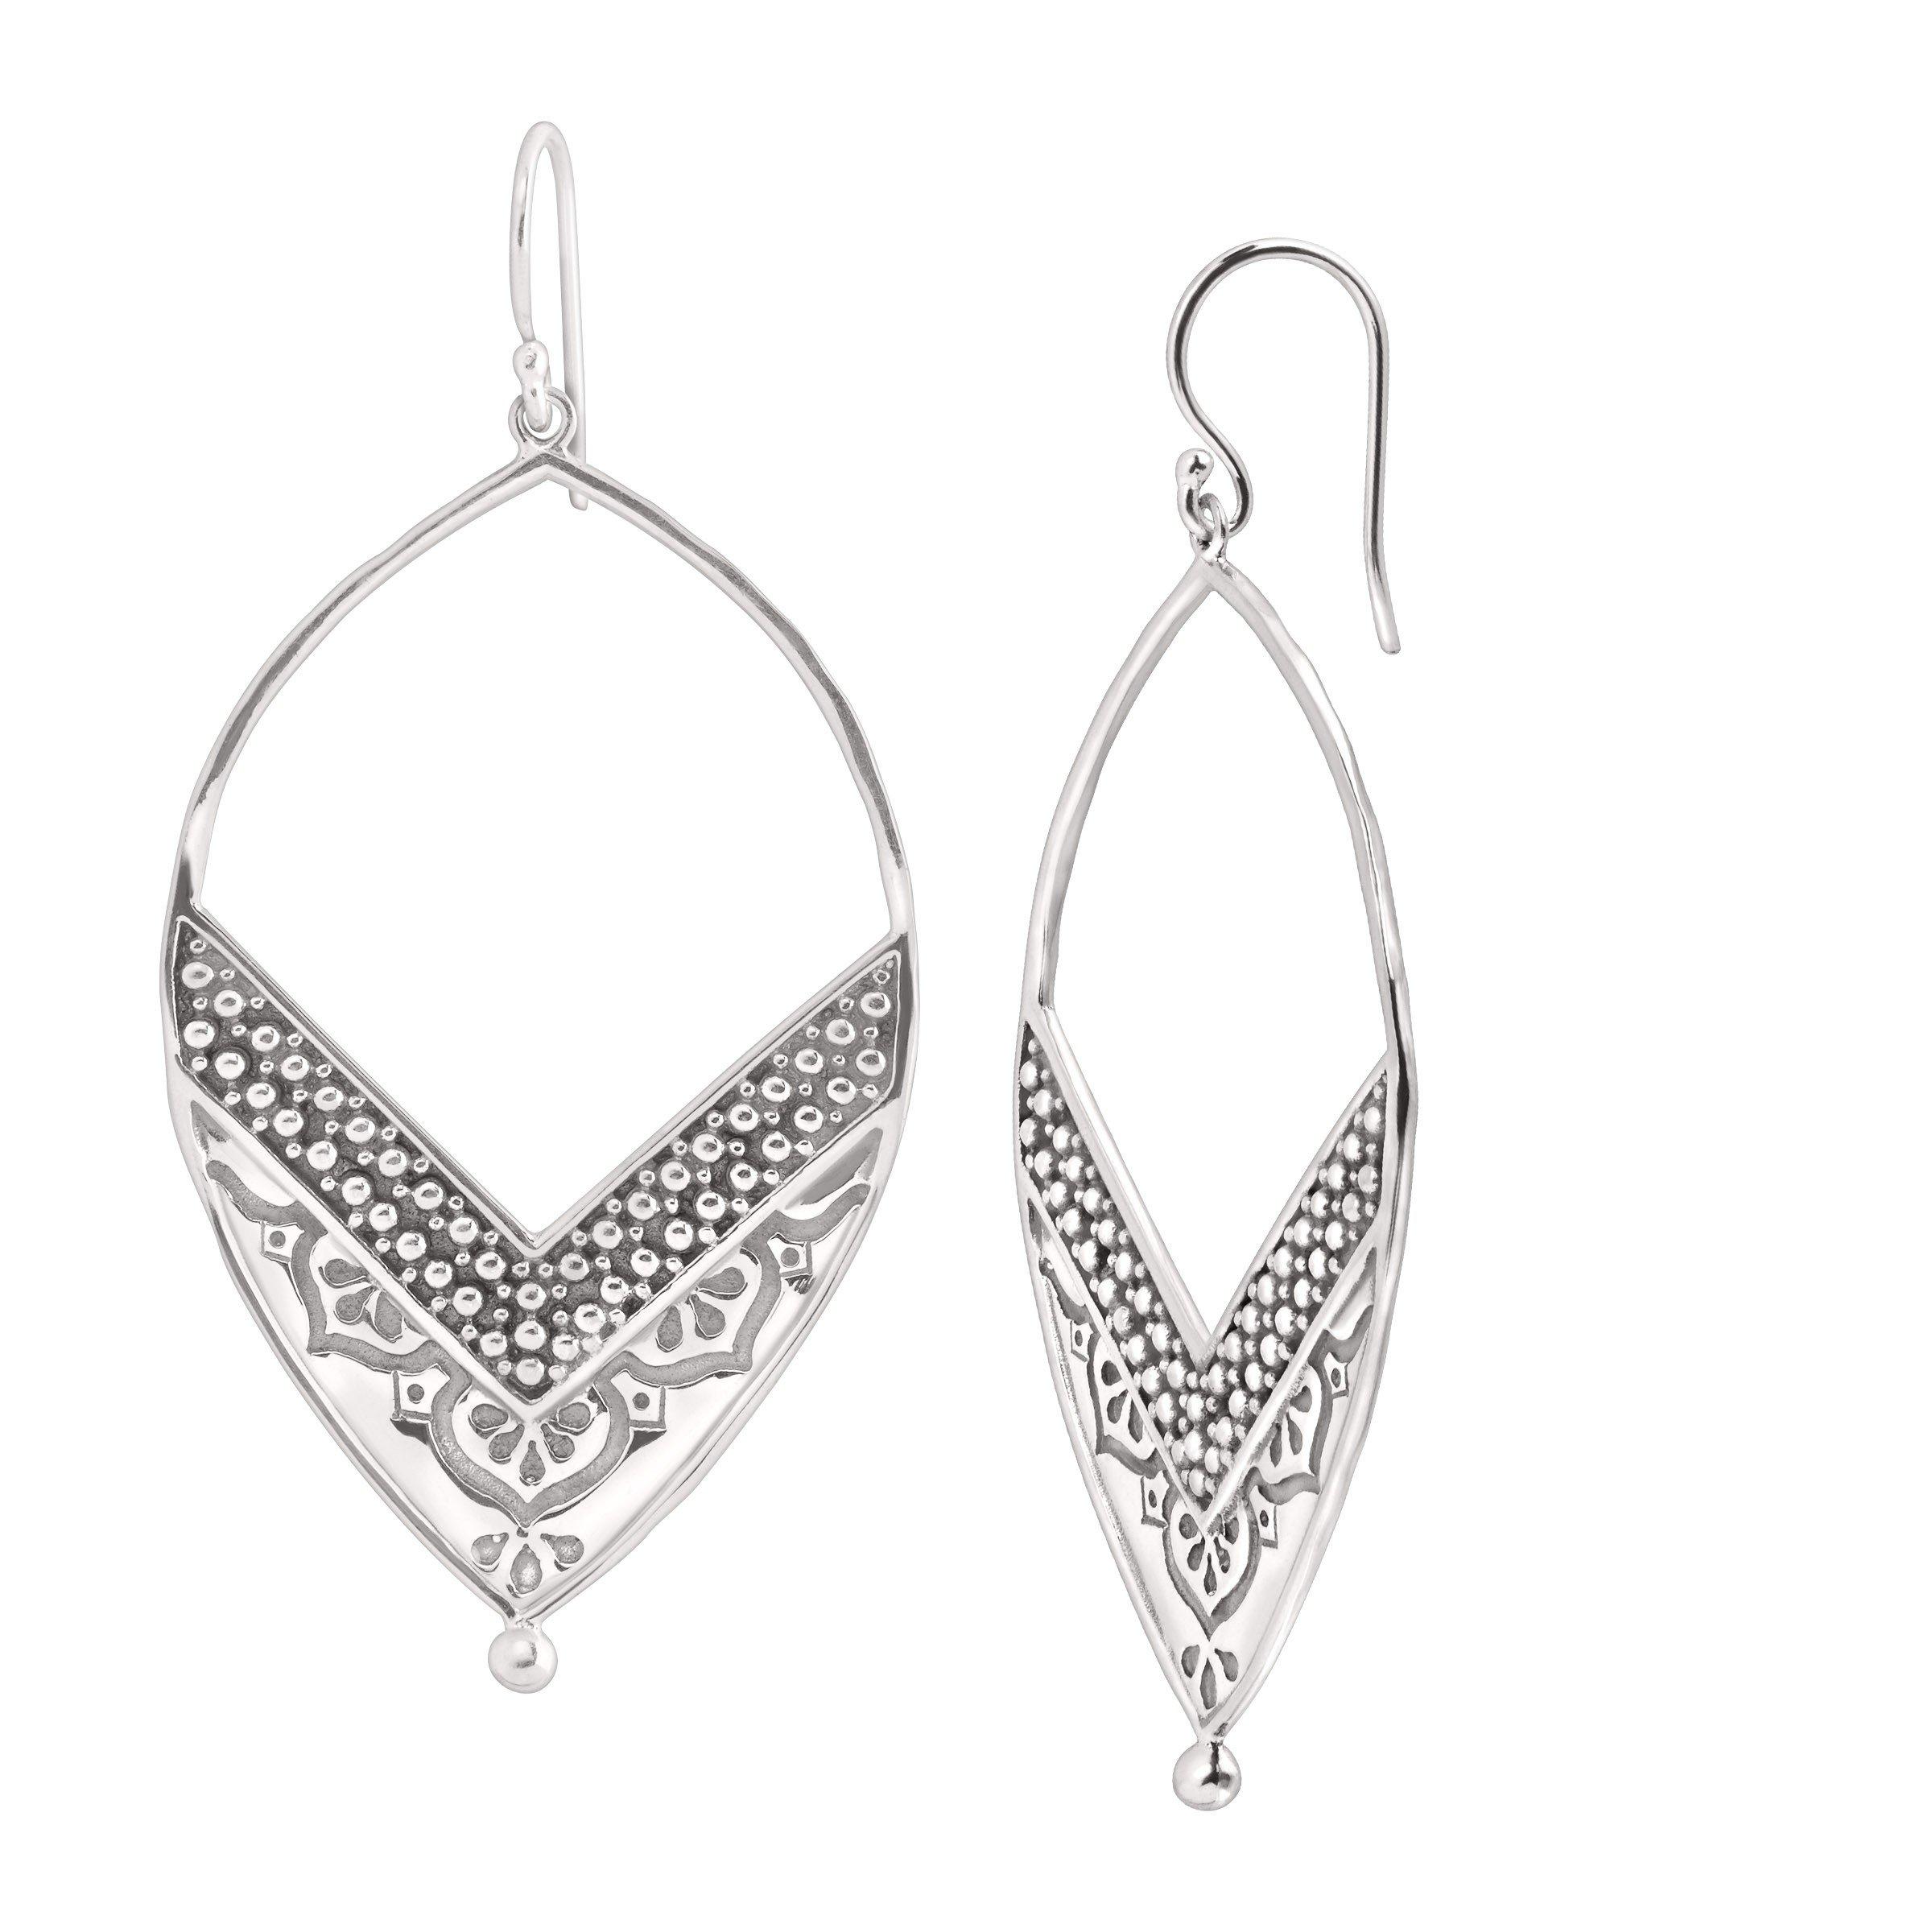 Silpada 'Ornate' Open Drop Earrings in Sterling Silver